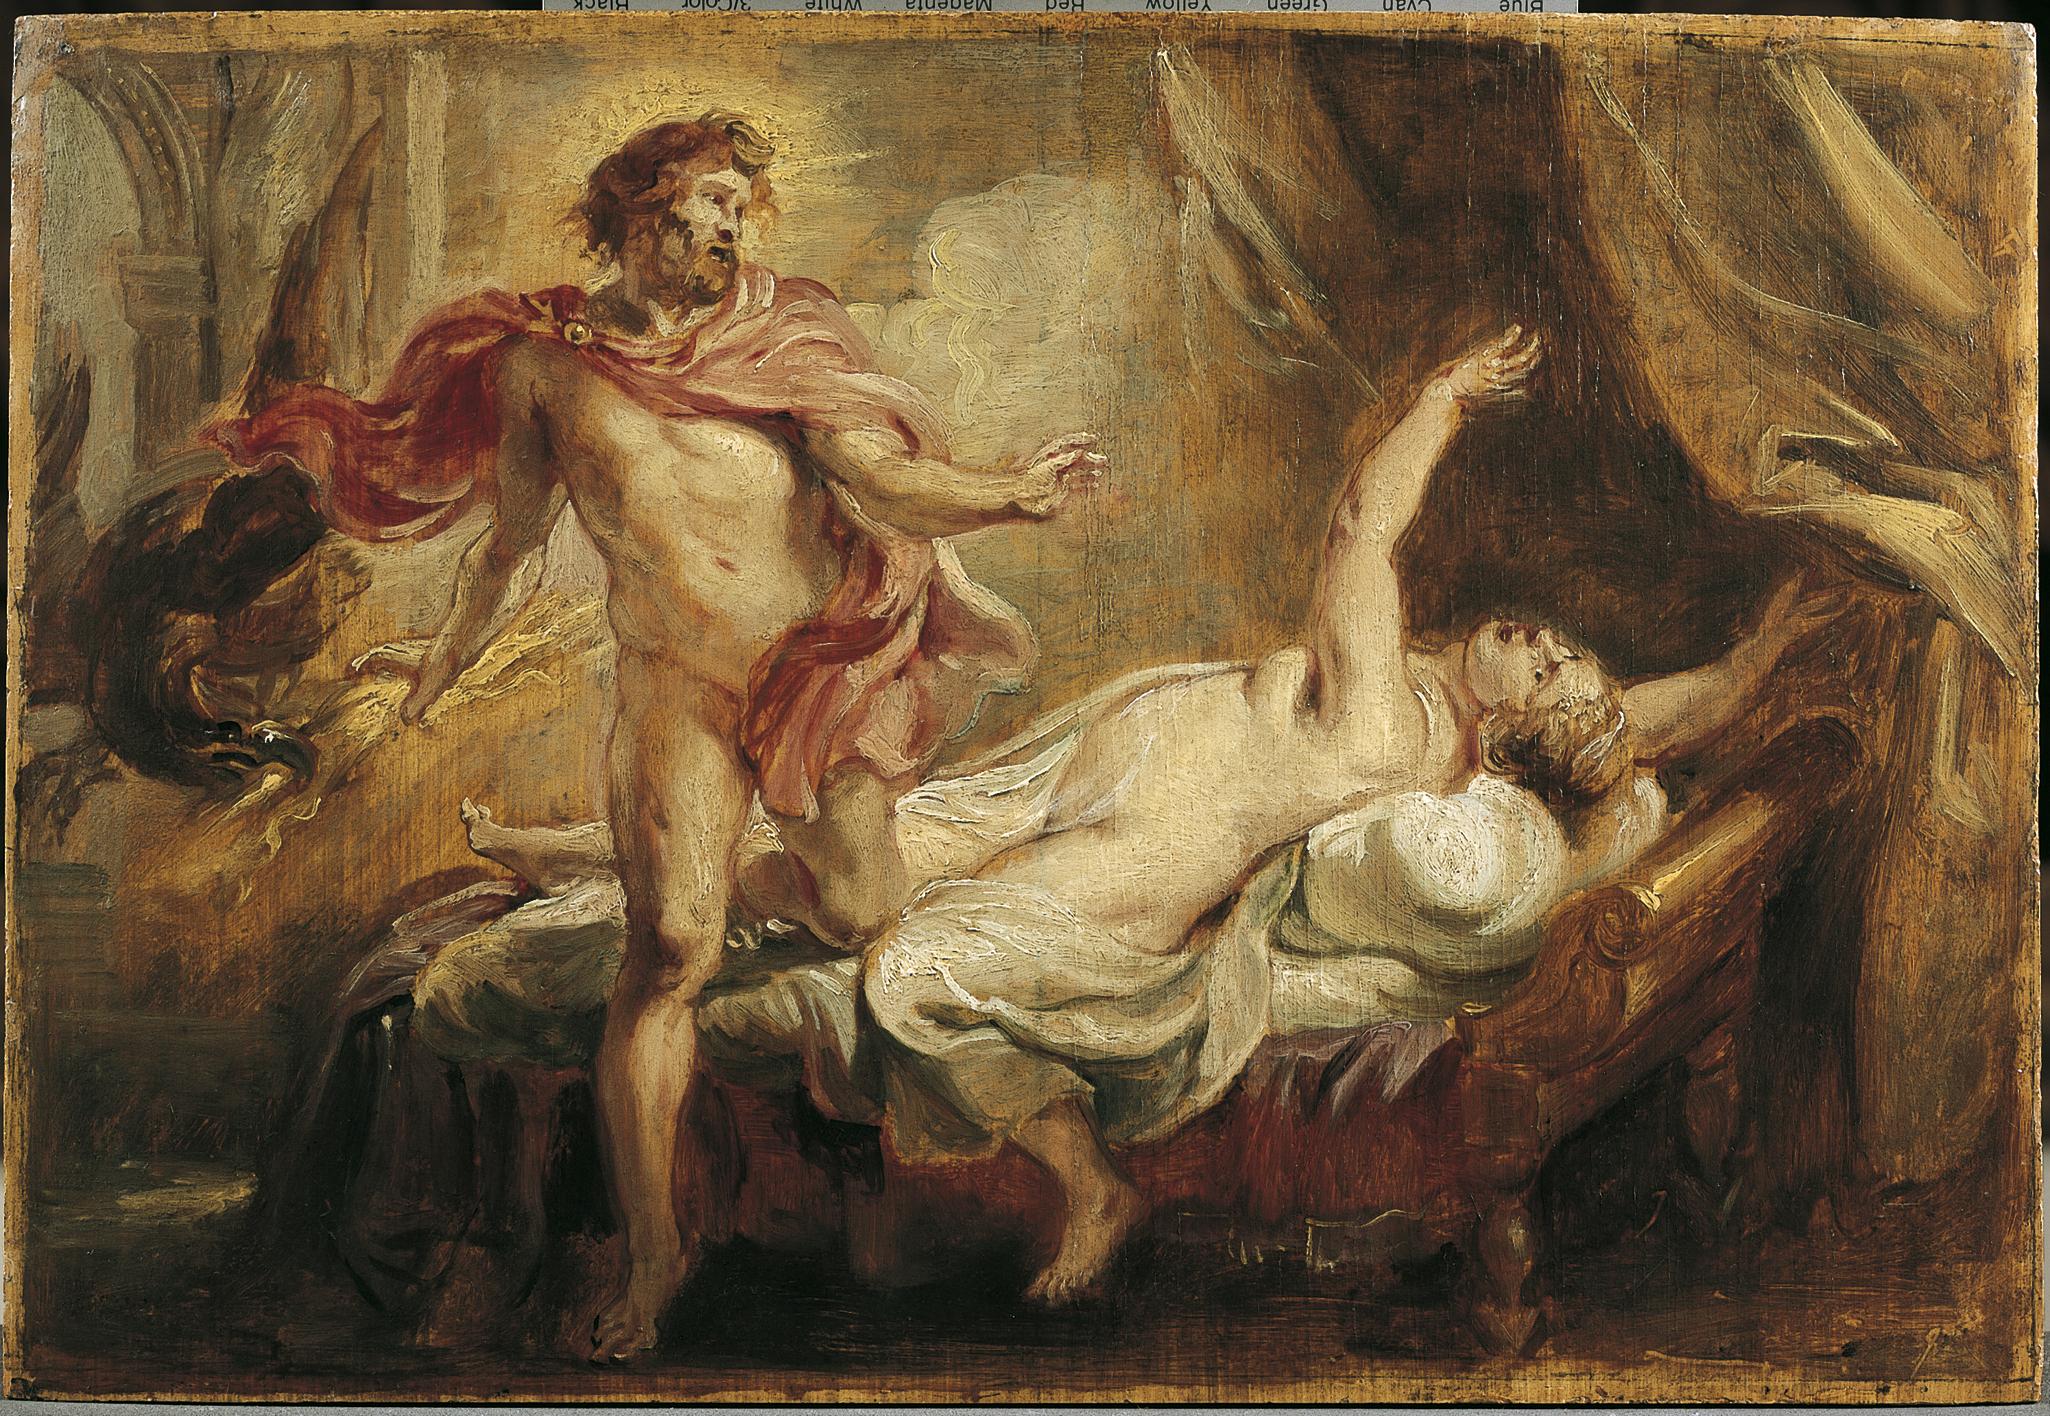 Rubens,Jupiter et Sémélé,huile sur bois Musées Royaux des Beaux Arts, Belgique © J. Geleyns - Art Photography